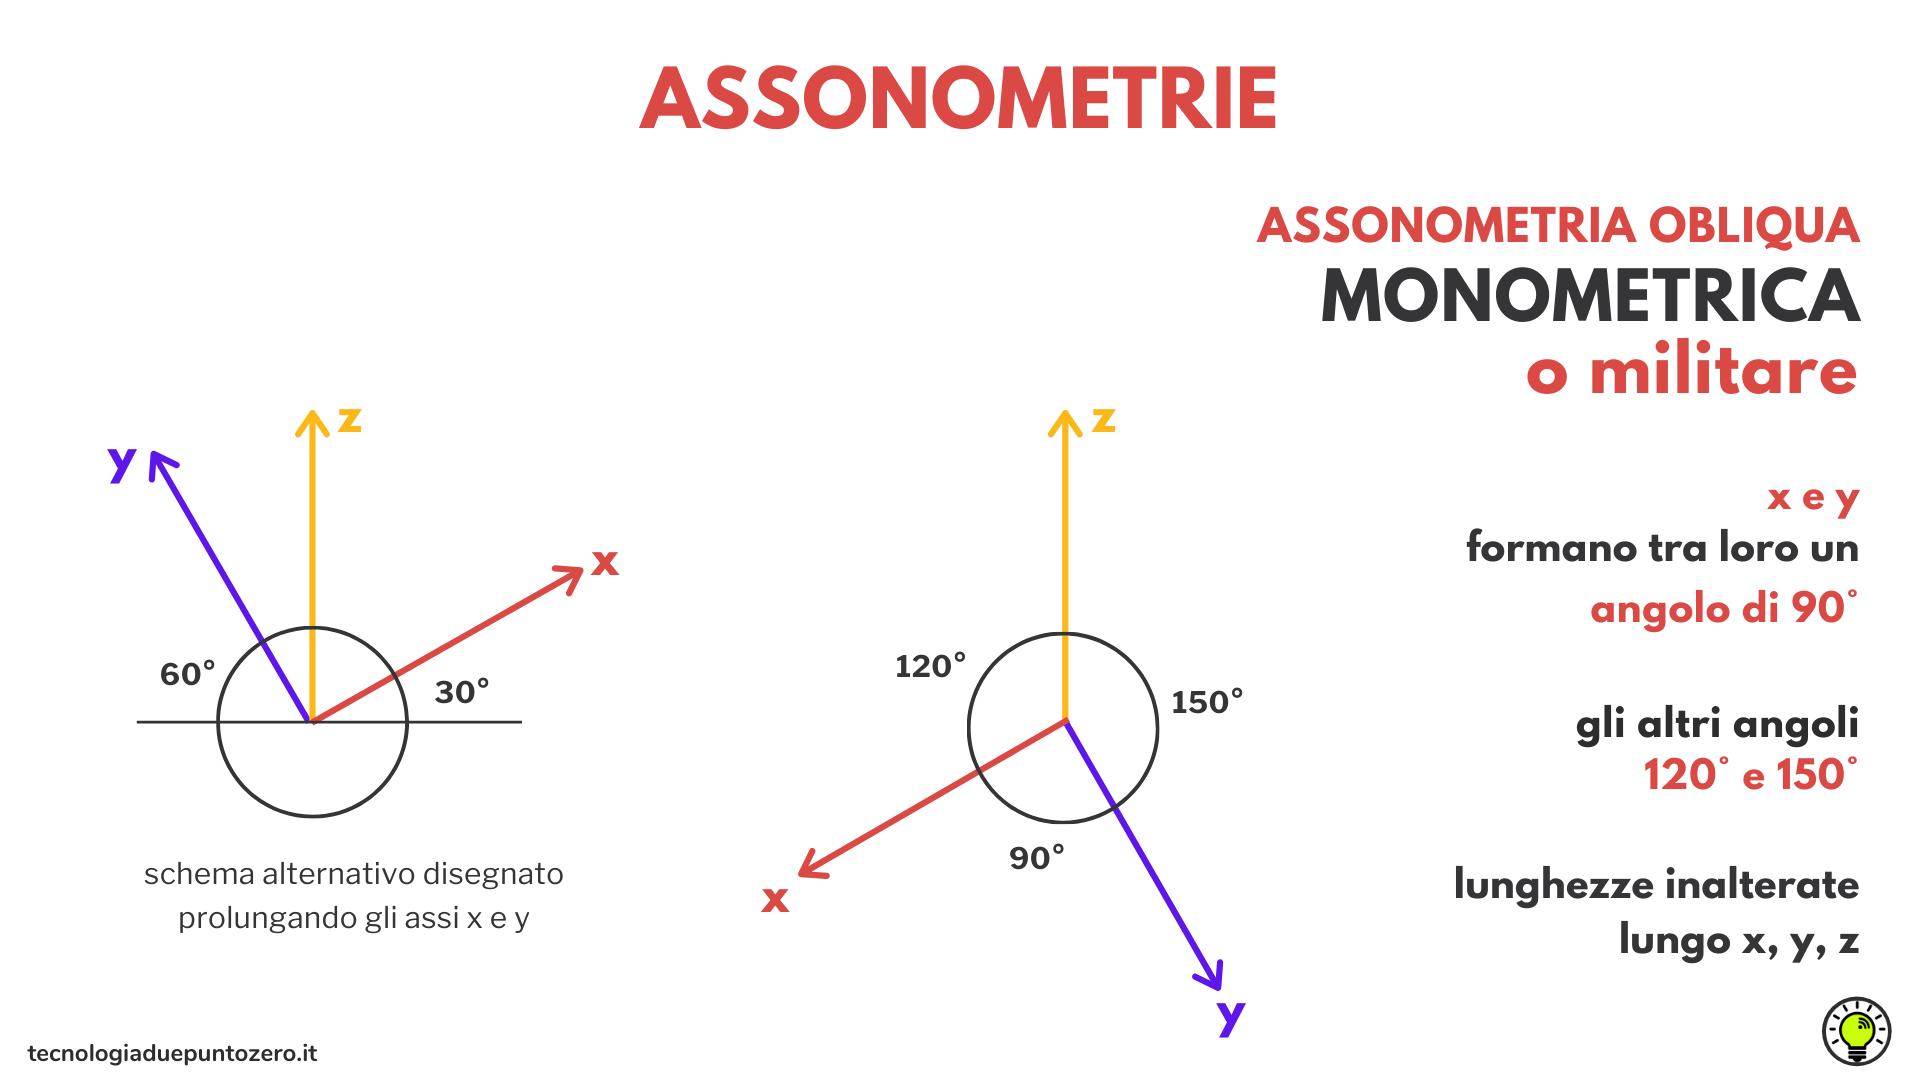 assonometrie spiegate con le ombre